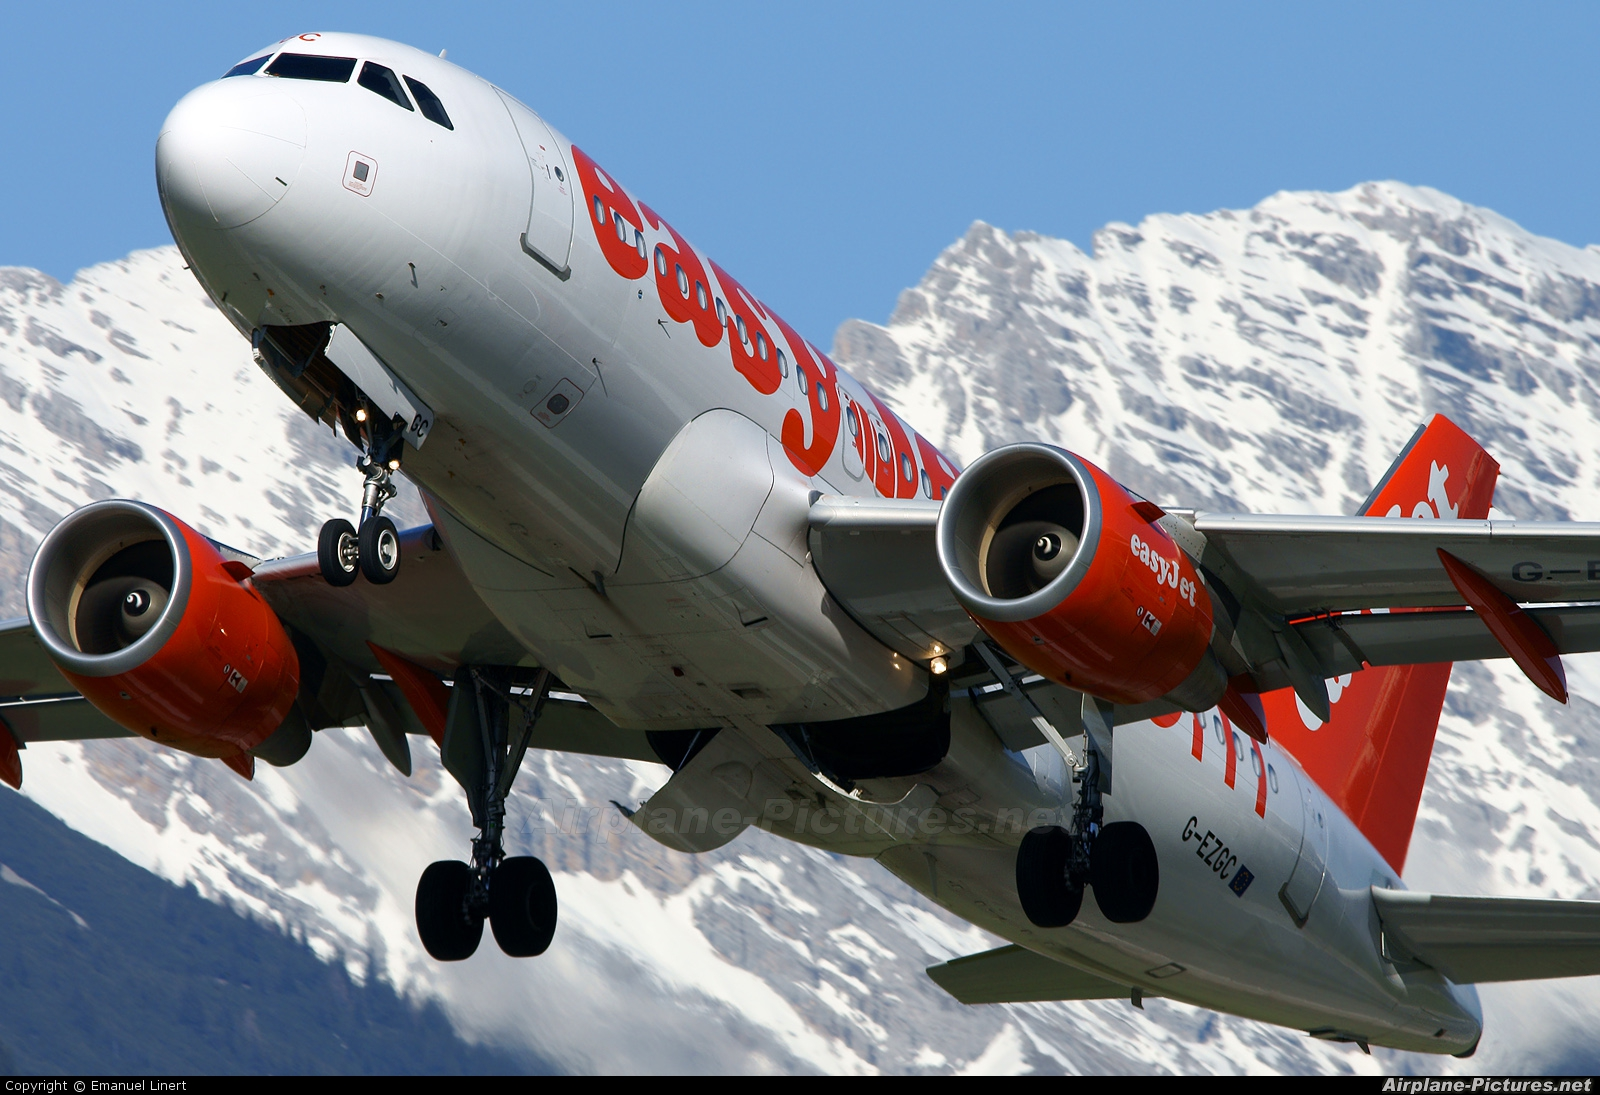 easyJet G-EZGC aircraft at Innsbruck